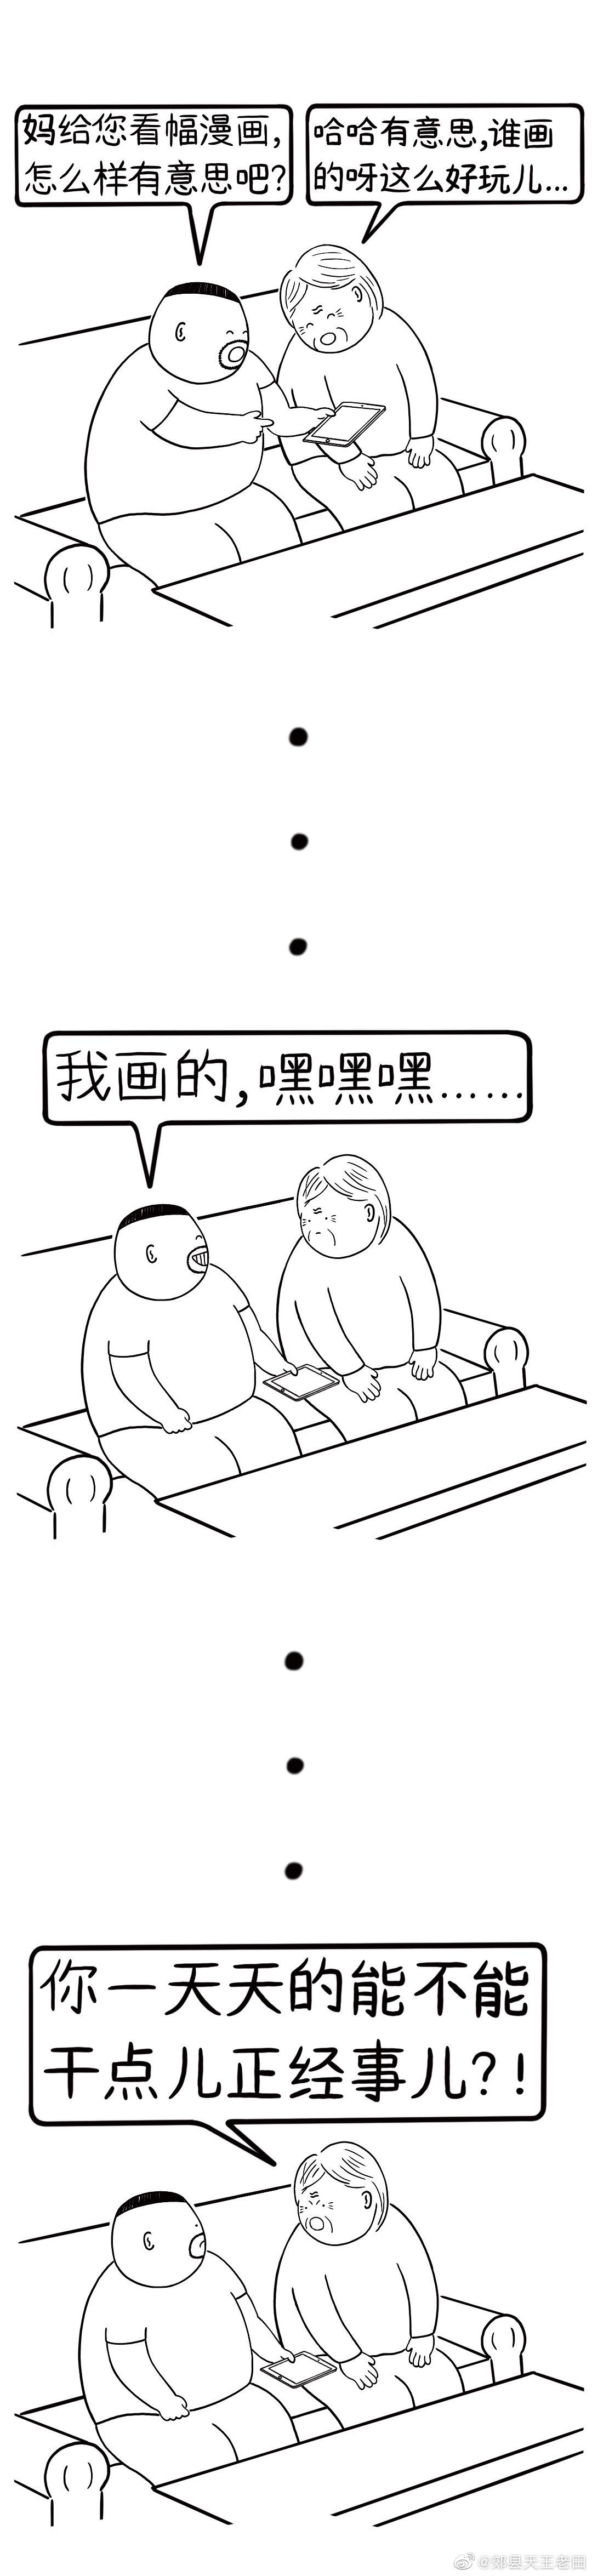 热门视频图片段子福利第84期:陕北民歌  福利社吧  图112